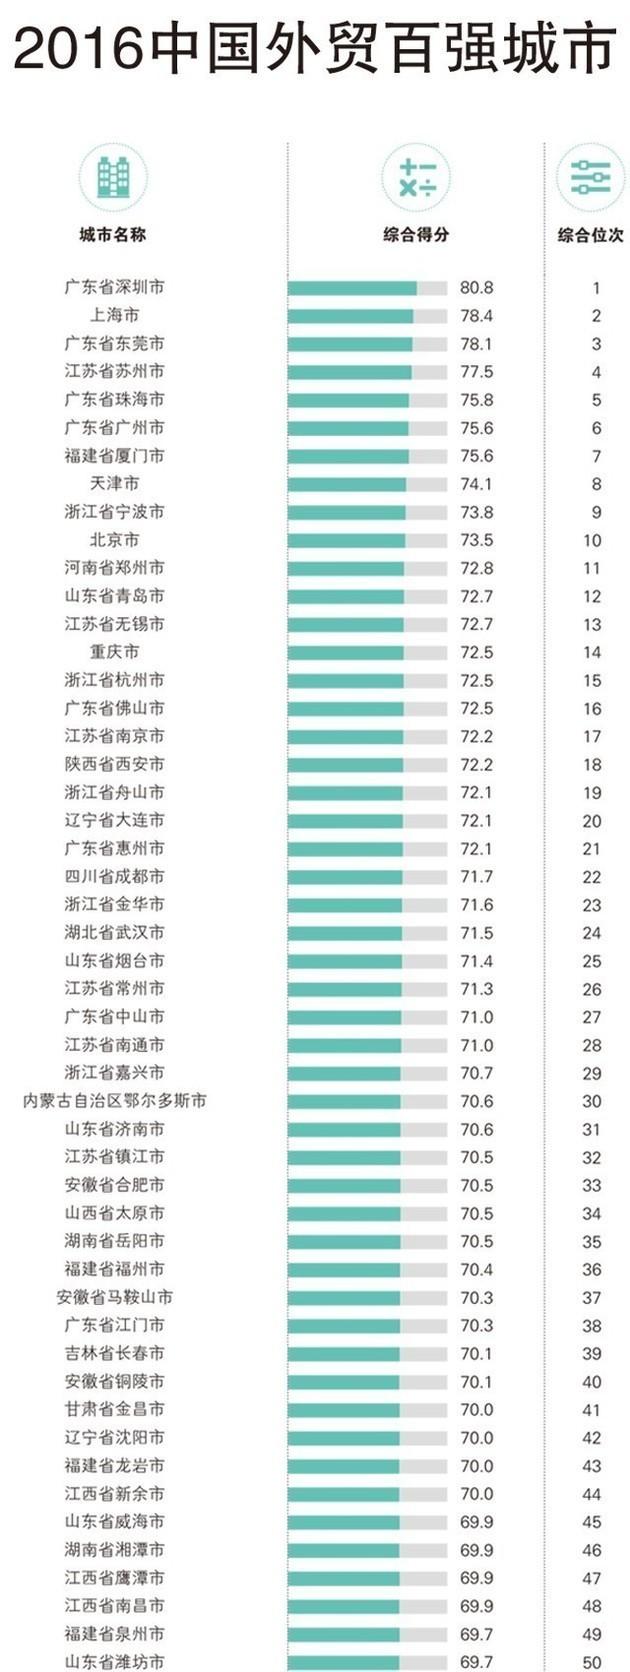 中国外贸百强城市及2017外贸回暖